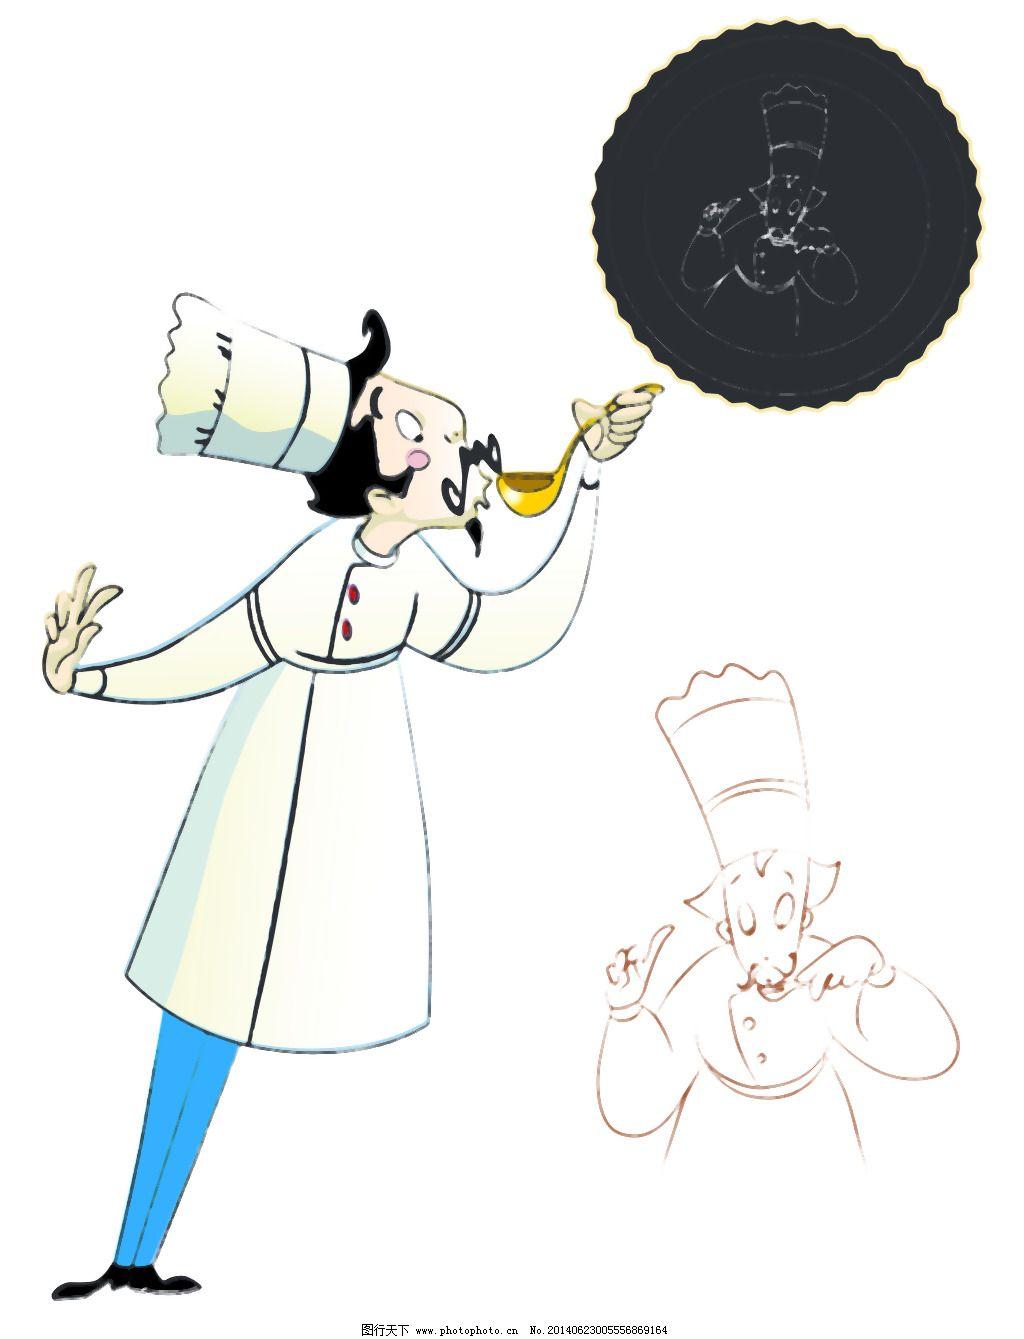 卡通人物的厨师07矢量 动漫图书 草案 特征 分工 矢量图 其他矢量图